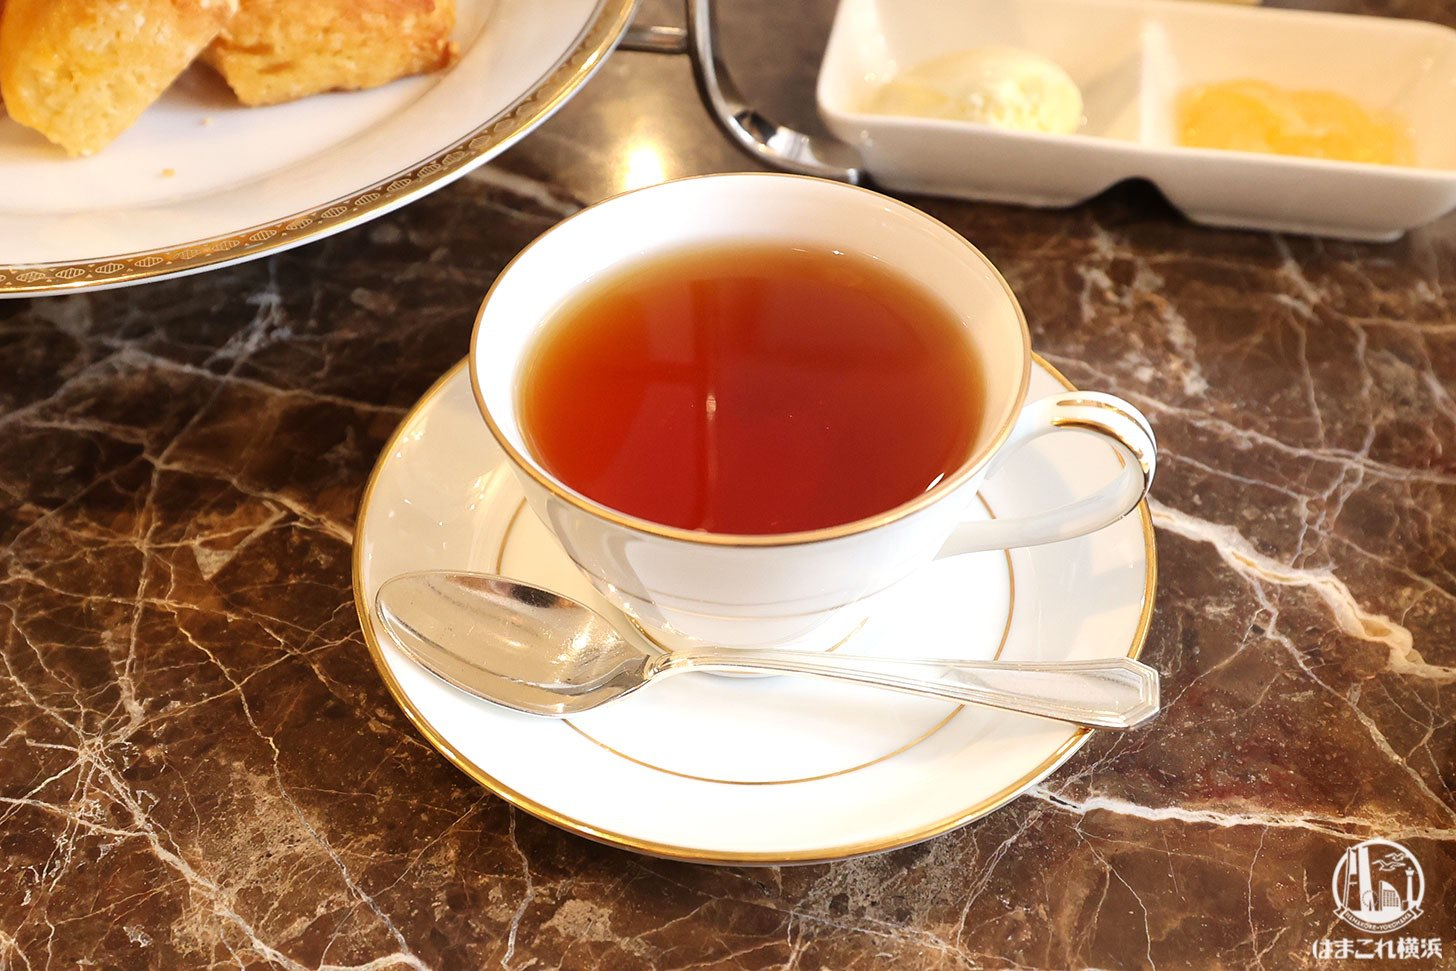 おいしい紅茶